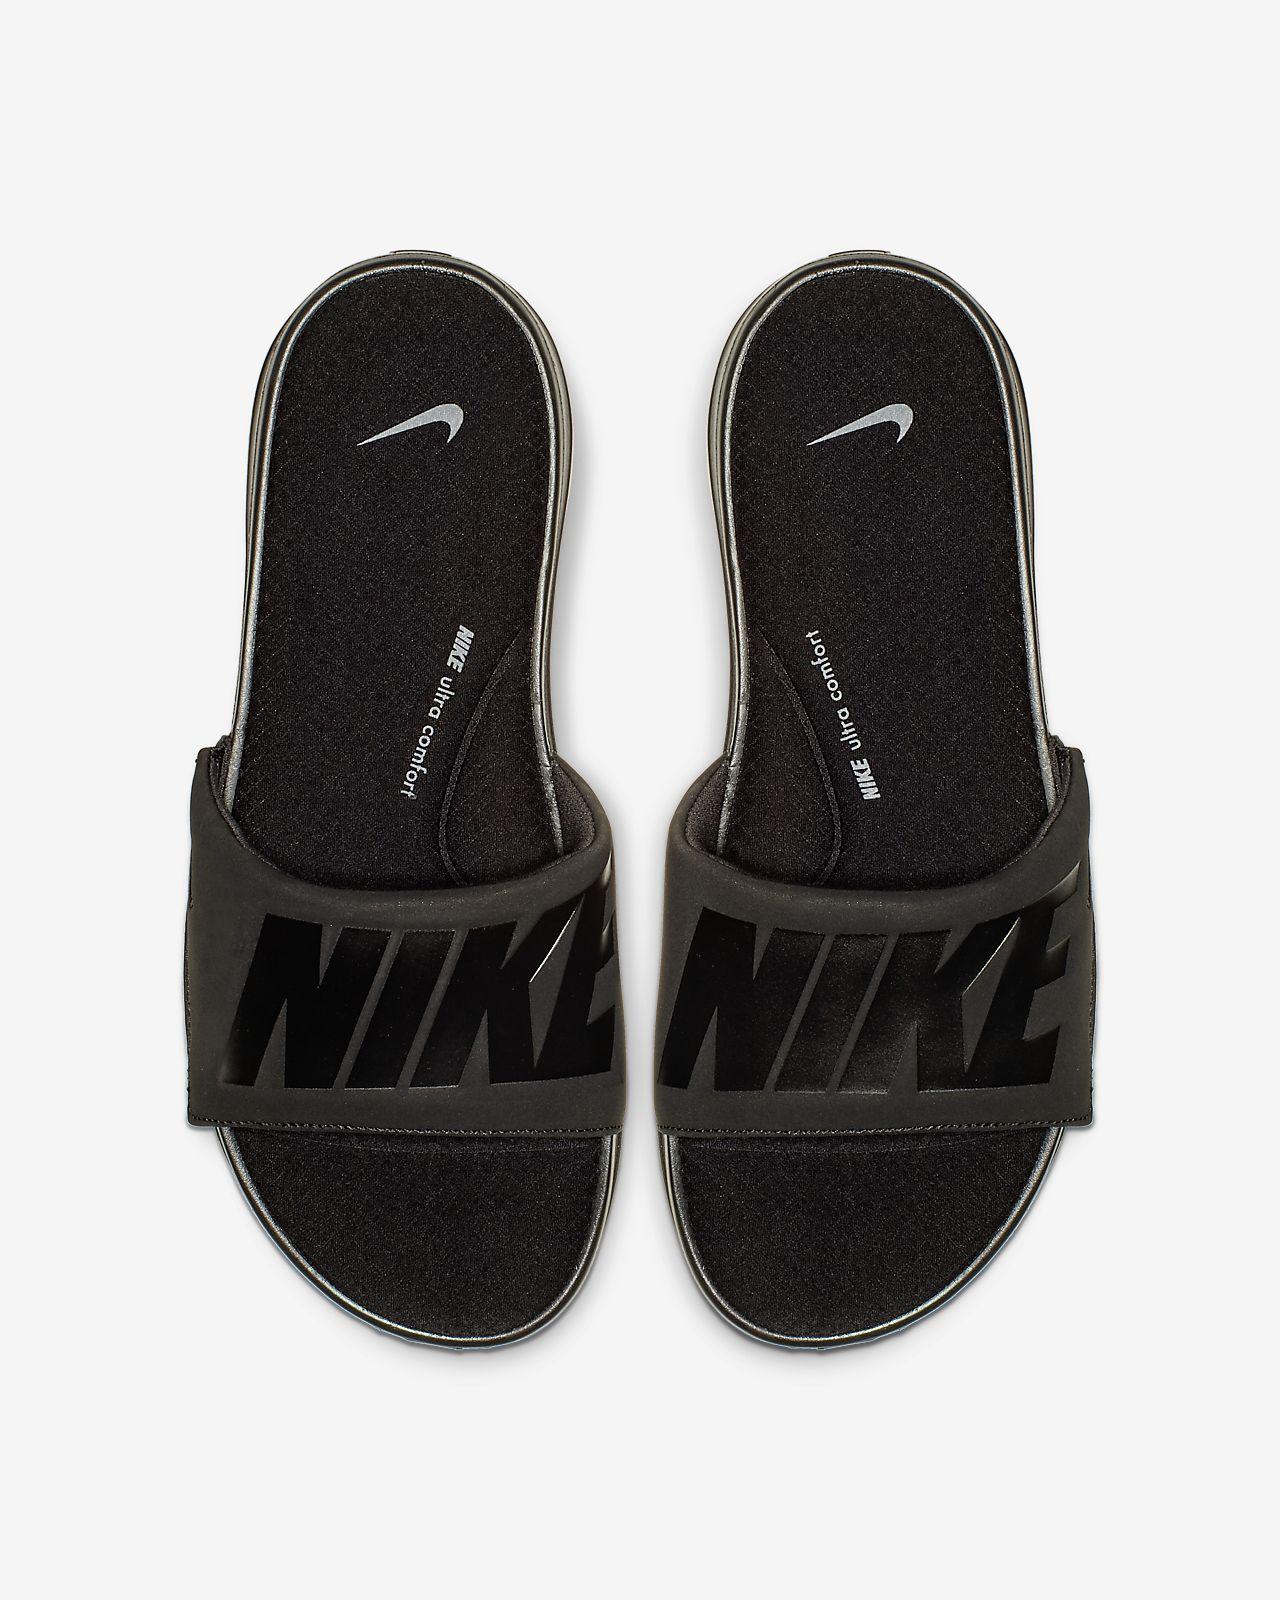 Nike Flip Flops Men : Nike Shoes Online For Sale at